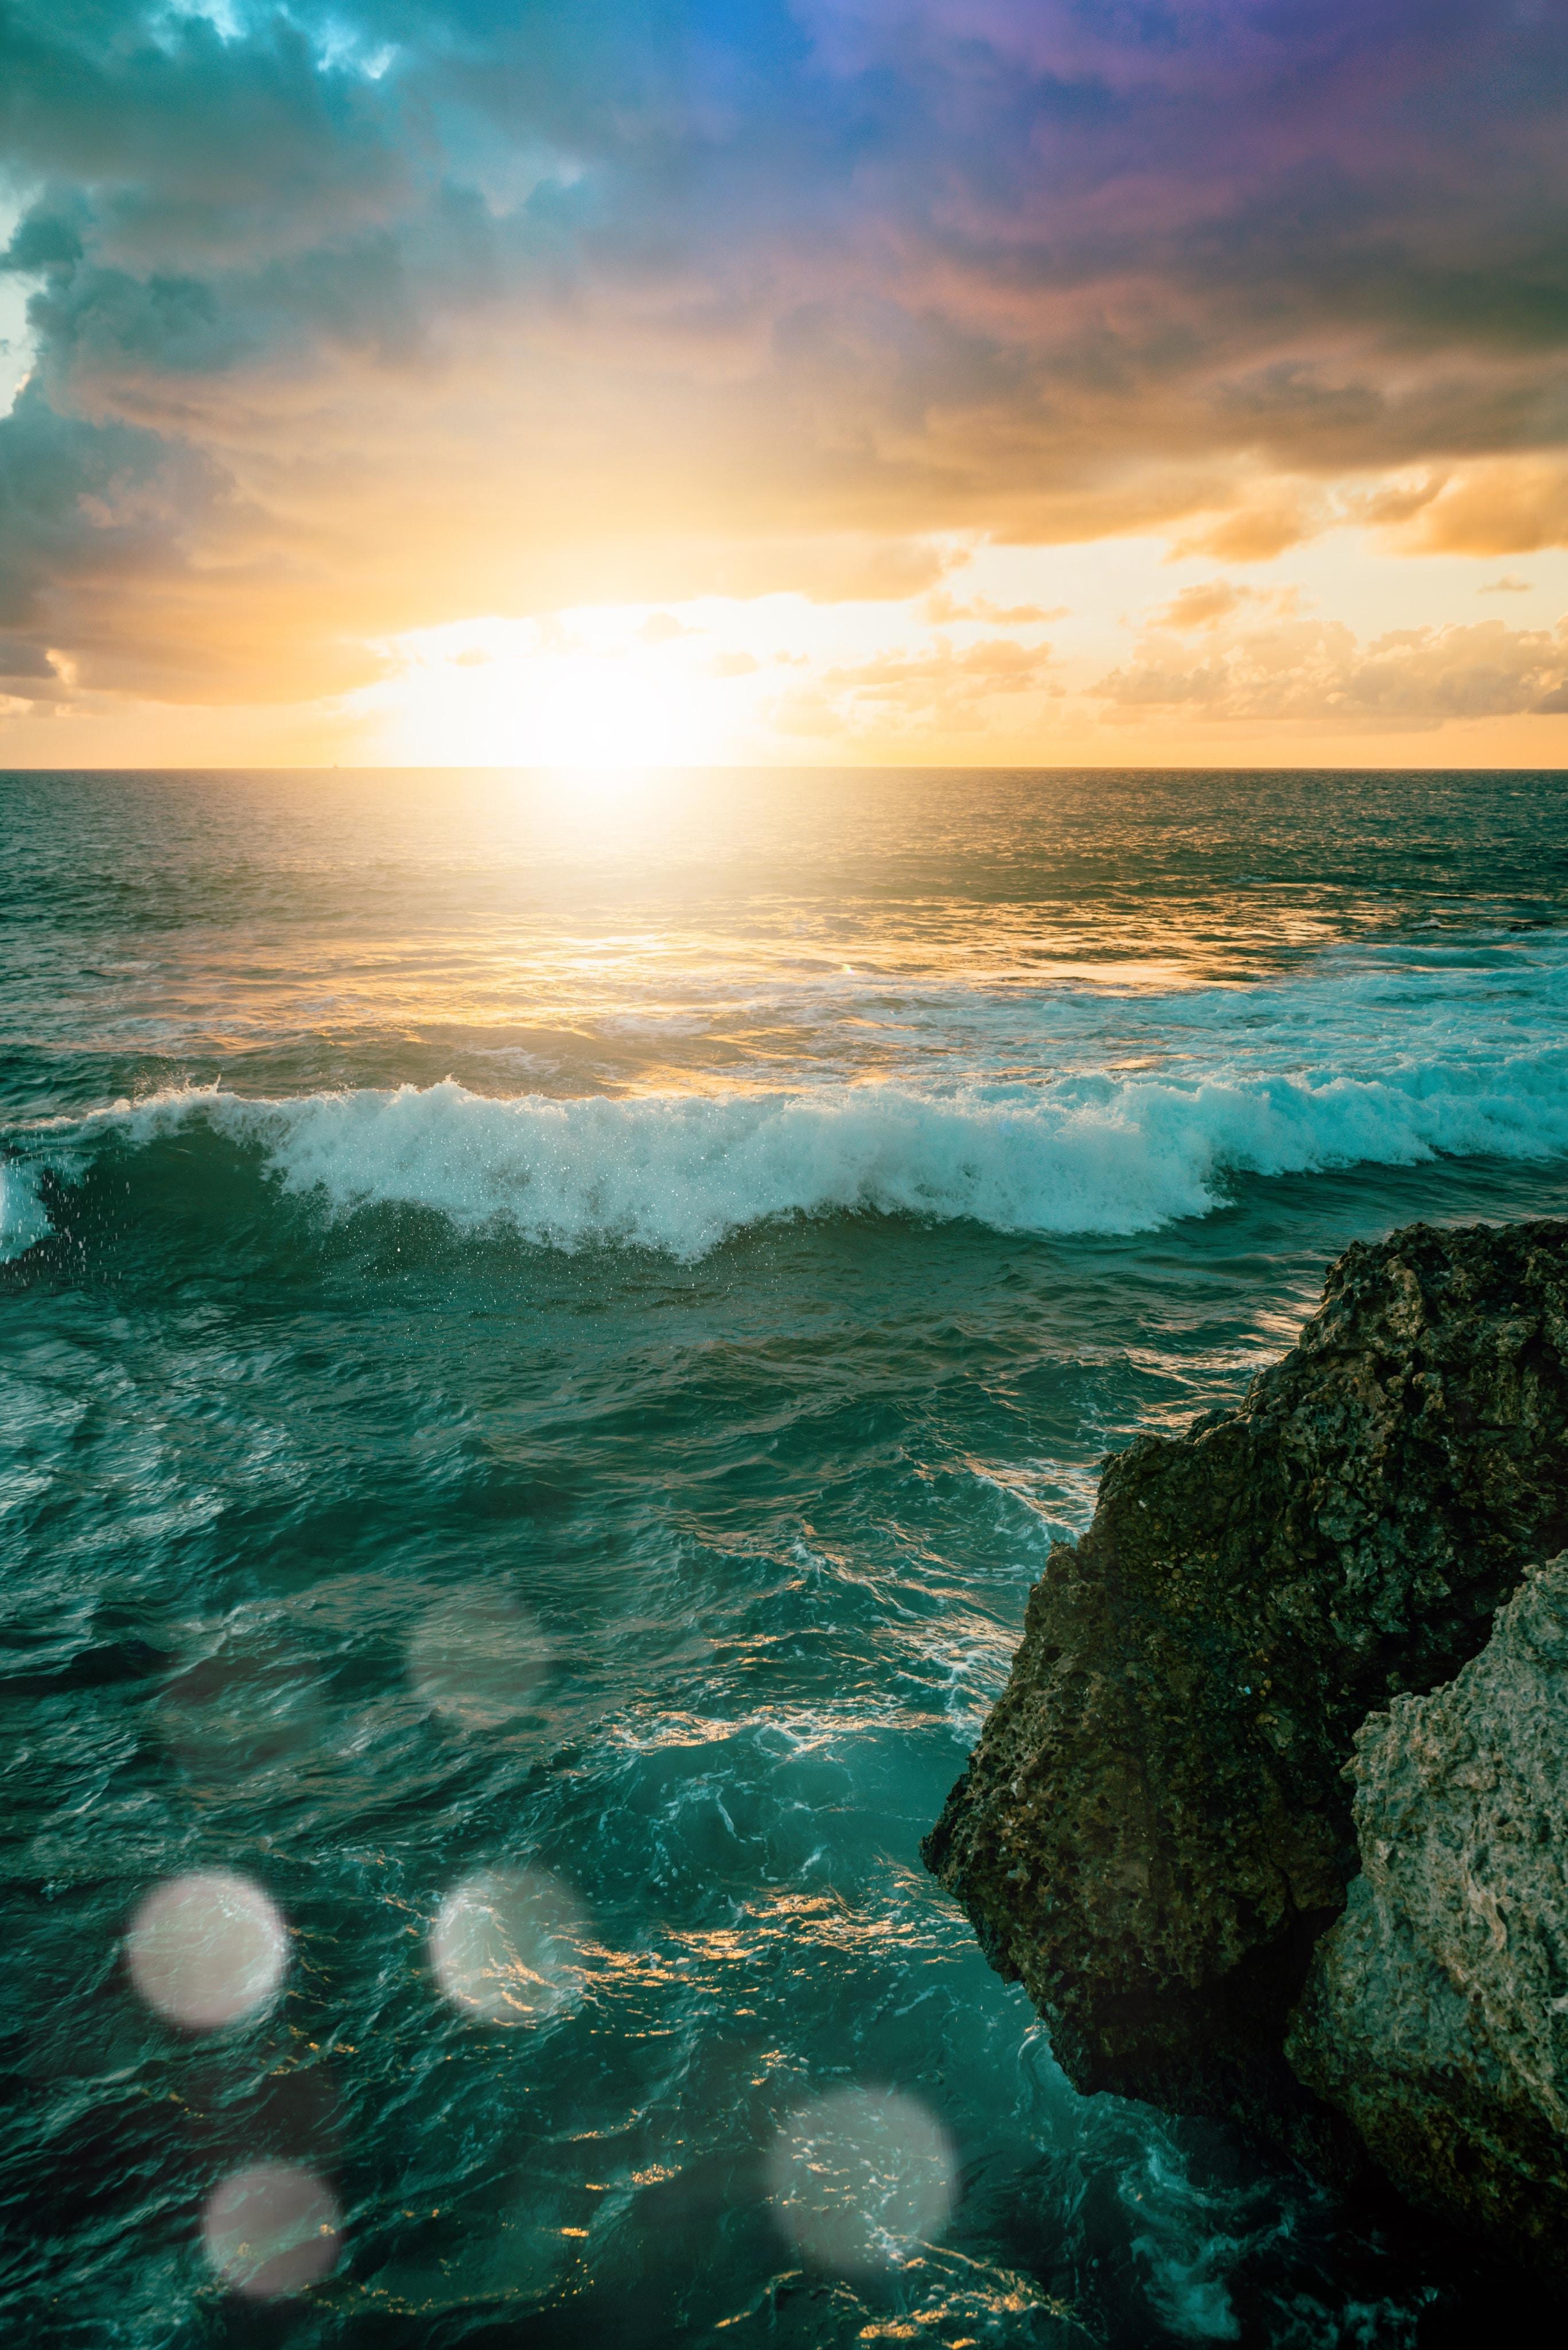 123596 Заставки и Обои Солнце на телефон. Скачать Солнце, Природа, Закат, Море, Волны, Свет картинки бесплатно